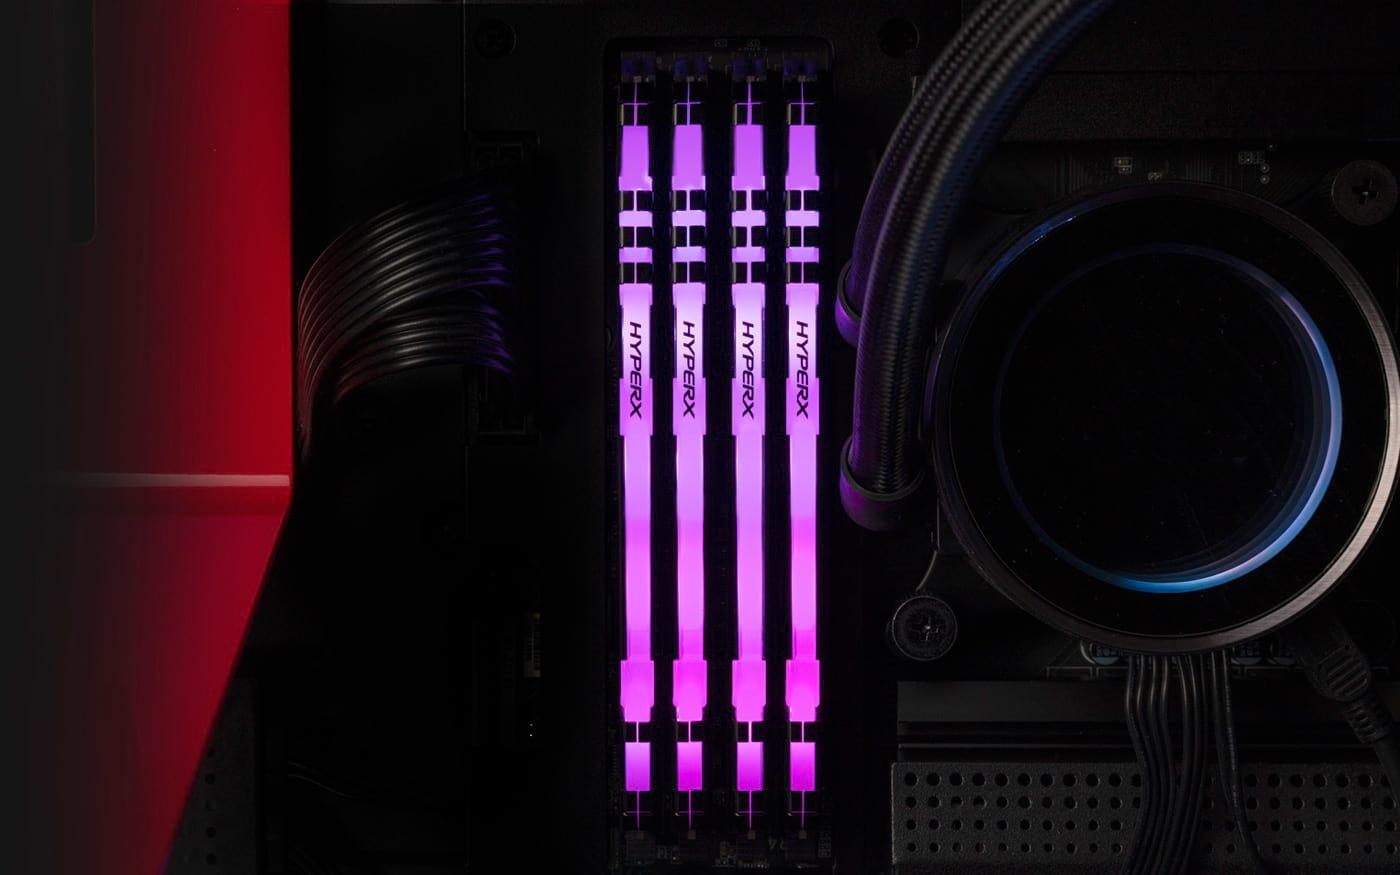 HyperX amplia portfólio de memórias com a nova FURY DDR4 RGB